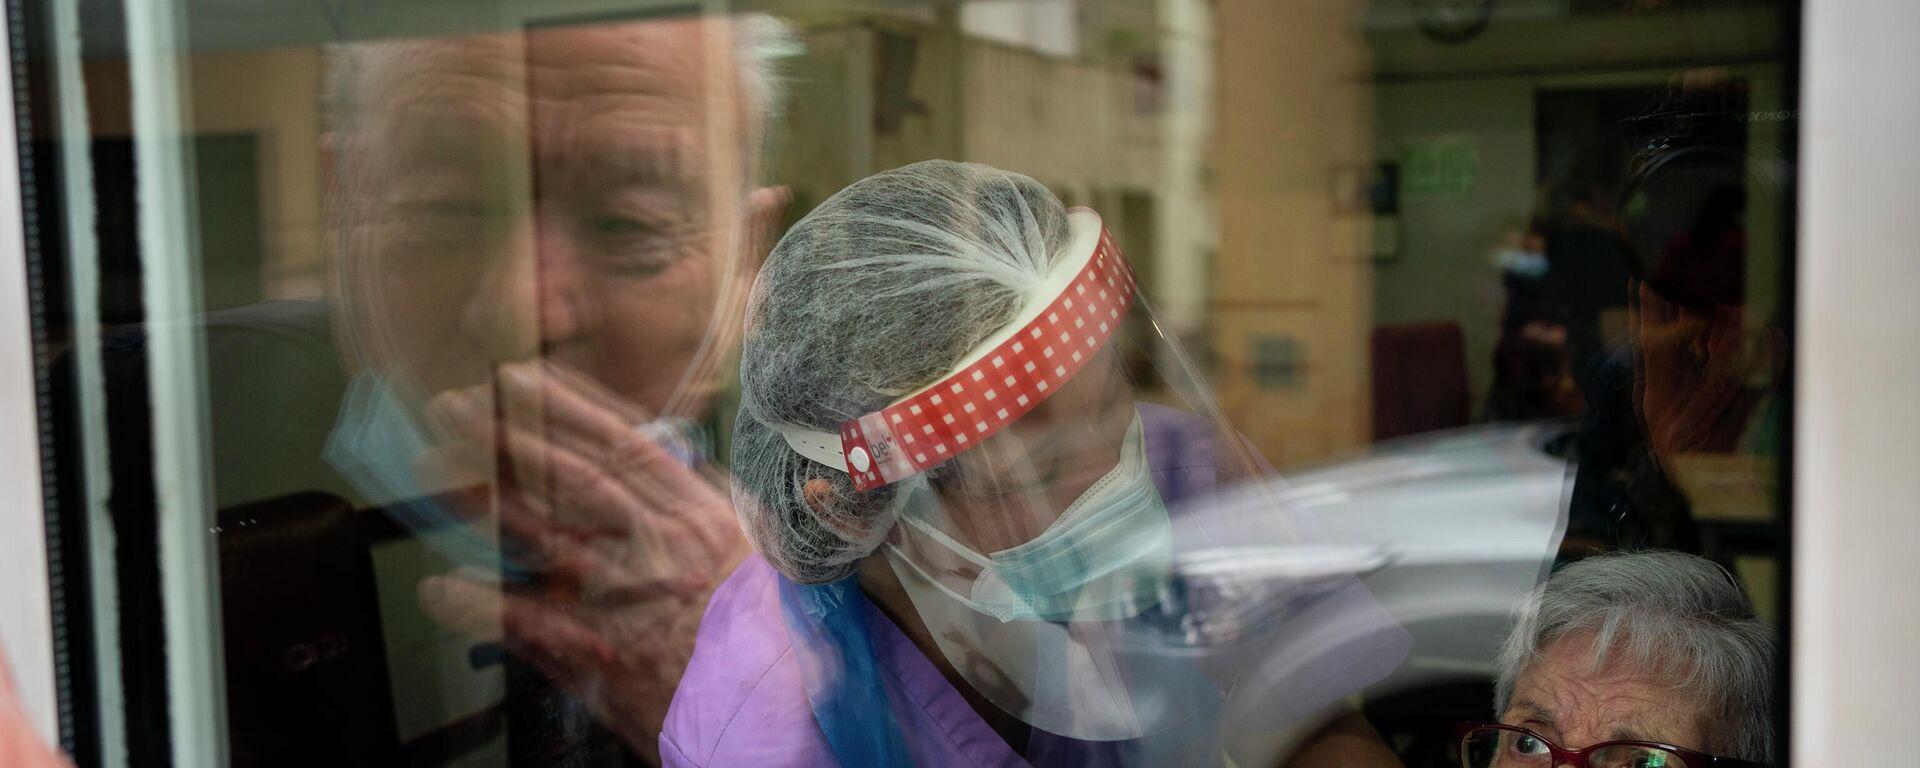 Javier Anto y su esposa Carmen Panzano se lanzan besos a través de la ventana. Barcelona, 21 de abril de 2021.  - Sputnik Mundo, 1920, 22.04.2021